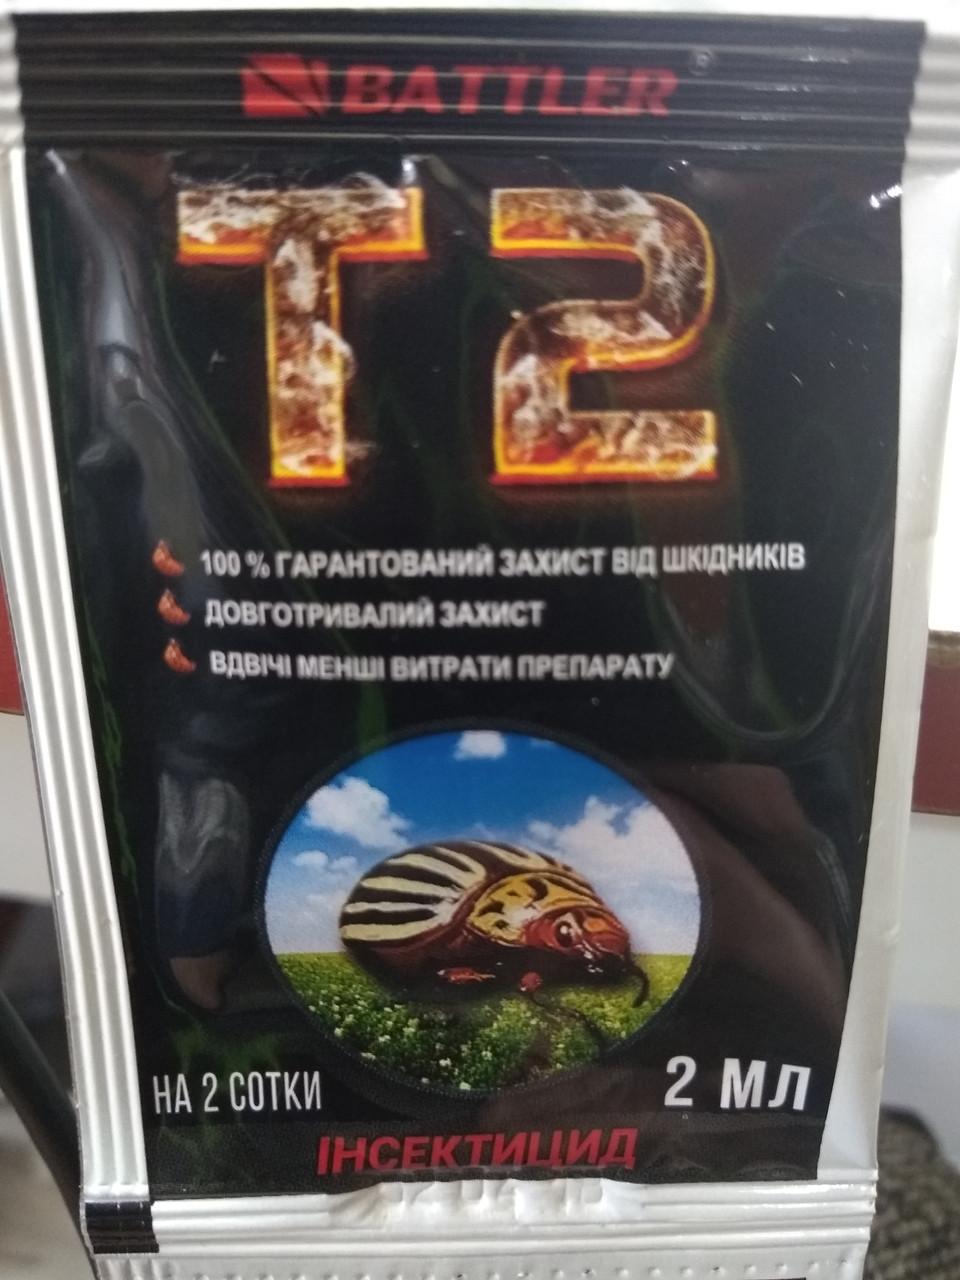 Інсектицид контактно-системної дії Т2 новинка 2 мл, суспензія на 2 сотки, Україна